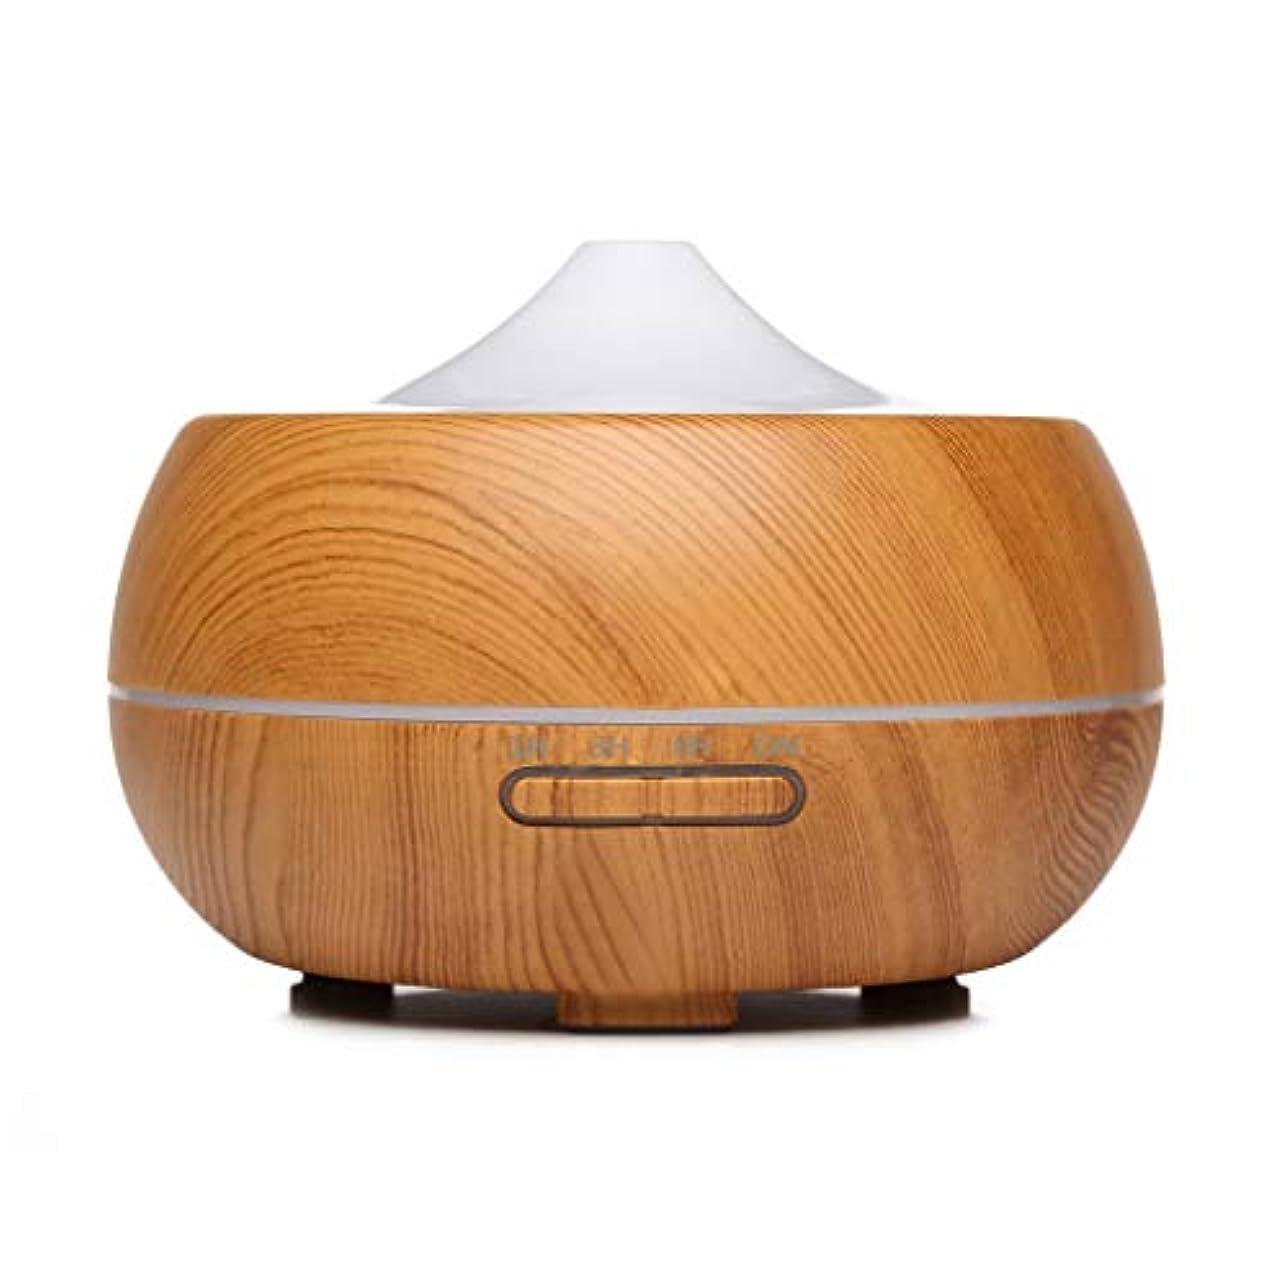 研究差し控えるサラミ300ミリリットルクールミスト加湿器超音波不可欠ディフューザー用オフィスホームベッドルームリビングルーム研究ヨガスパ、木目 (Color : Light wood grain)